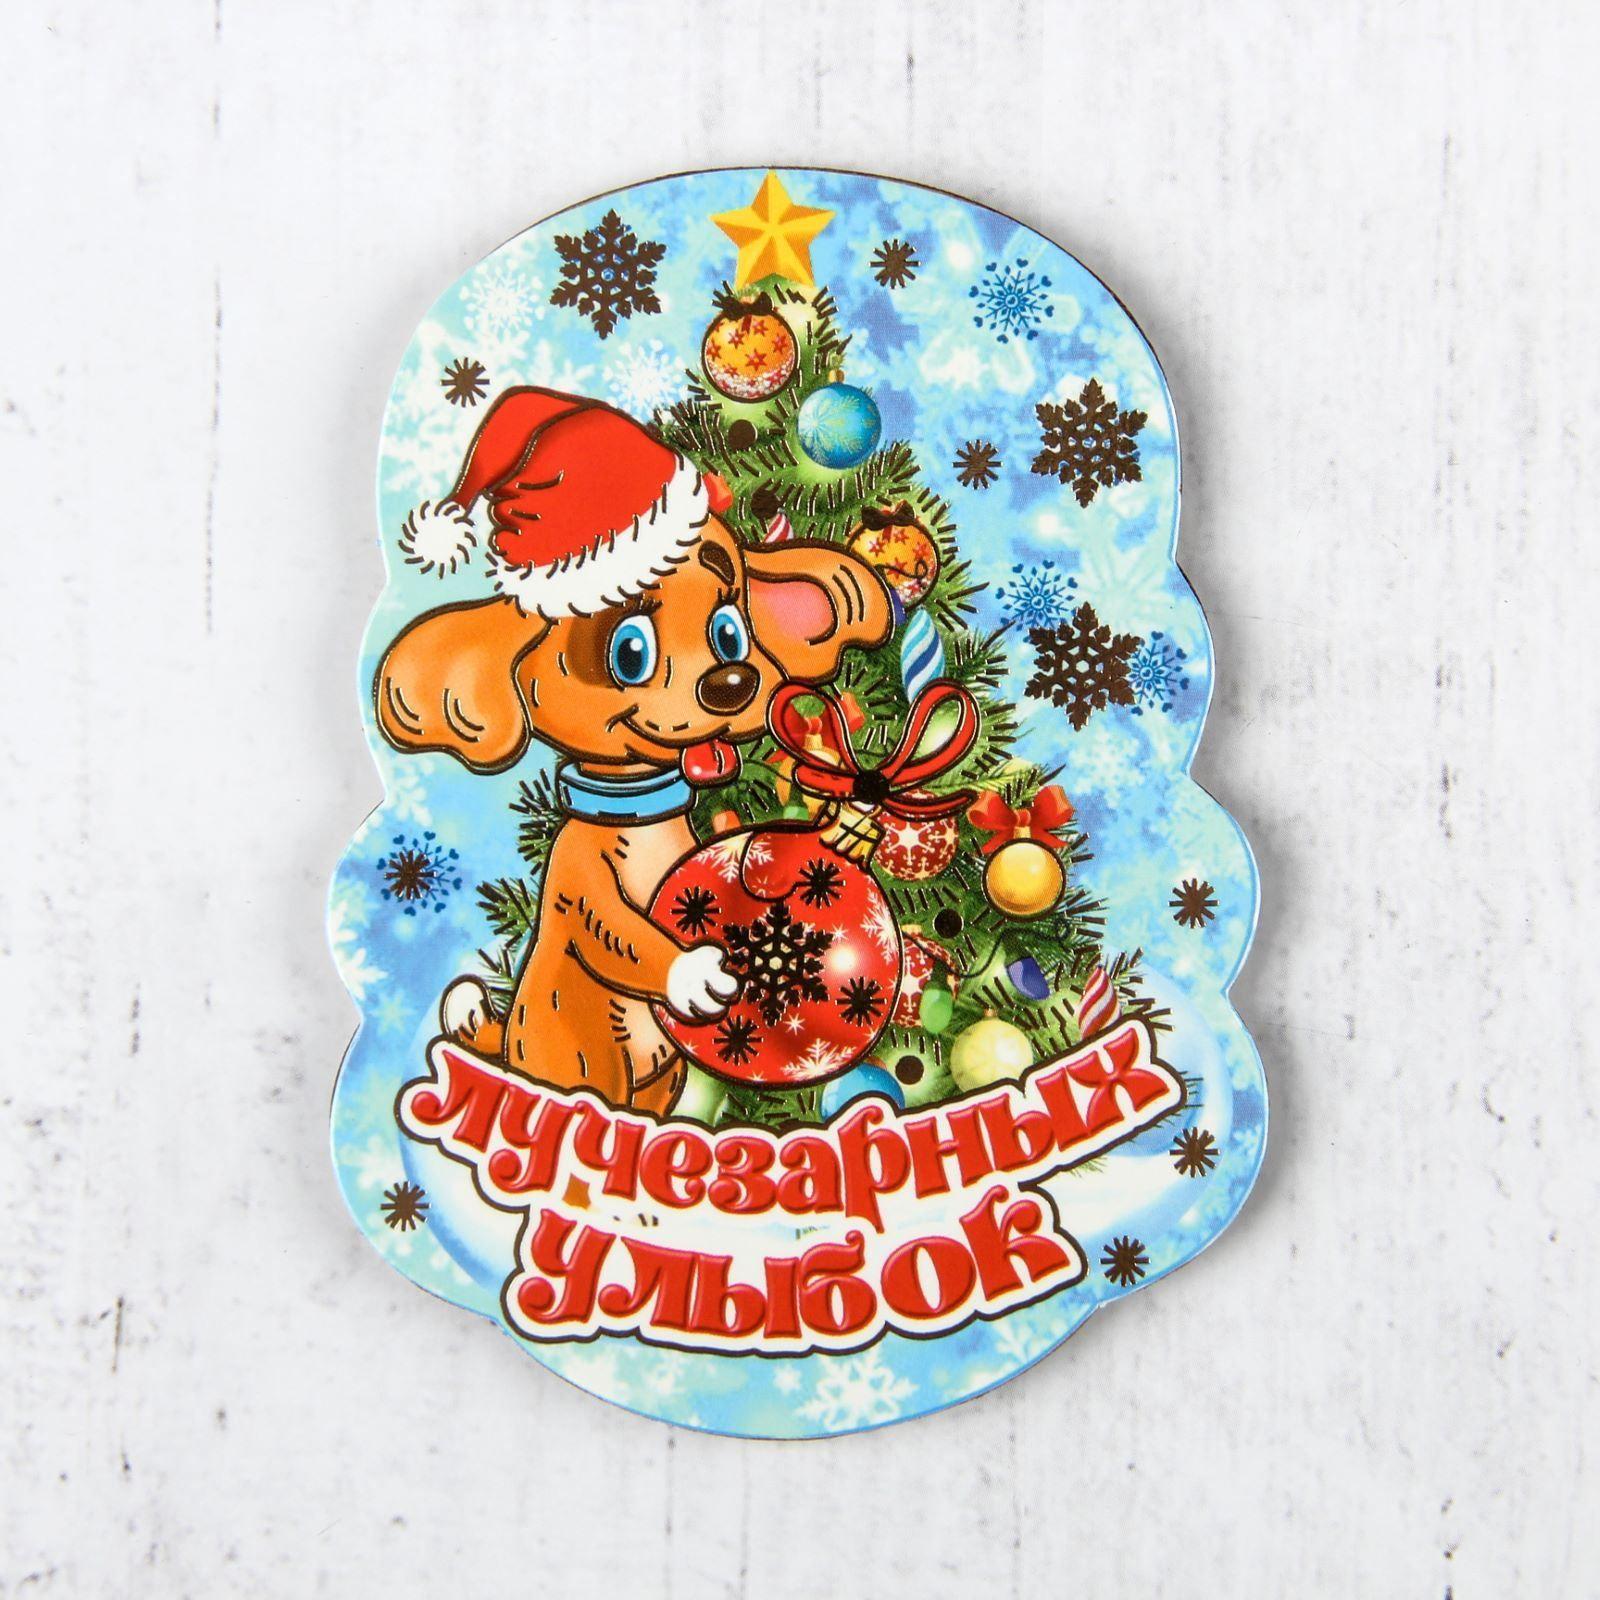 Магнит Sima-land Новогодний. 2018, 10,5 х 7,5 см2532411Порадуйте родных и близких оригинальным сувениром: преподнесите в подарок магнит. С ним даже самый серьезный человек почувствует себя ребенком, ожидающим чудо! Прикрепите его к любой металлической поверхности, и он удержит на виду важные записки, любовные послания или просто список продуктов.Создайте праздничное настроение, и оно останется с вами на весь год.